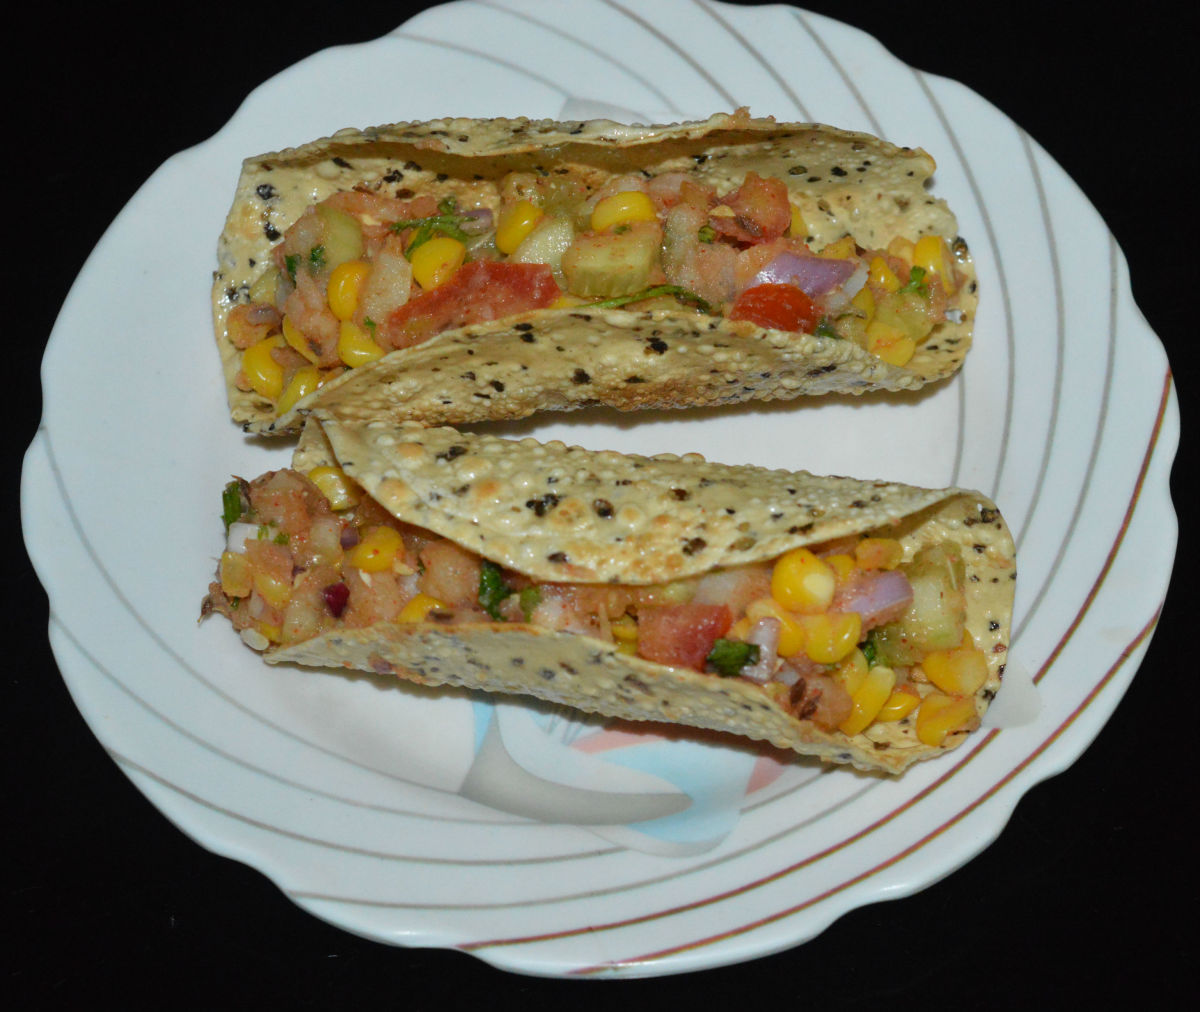 Papad tacos